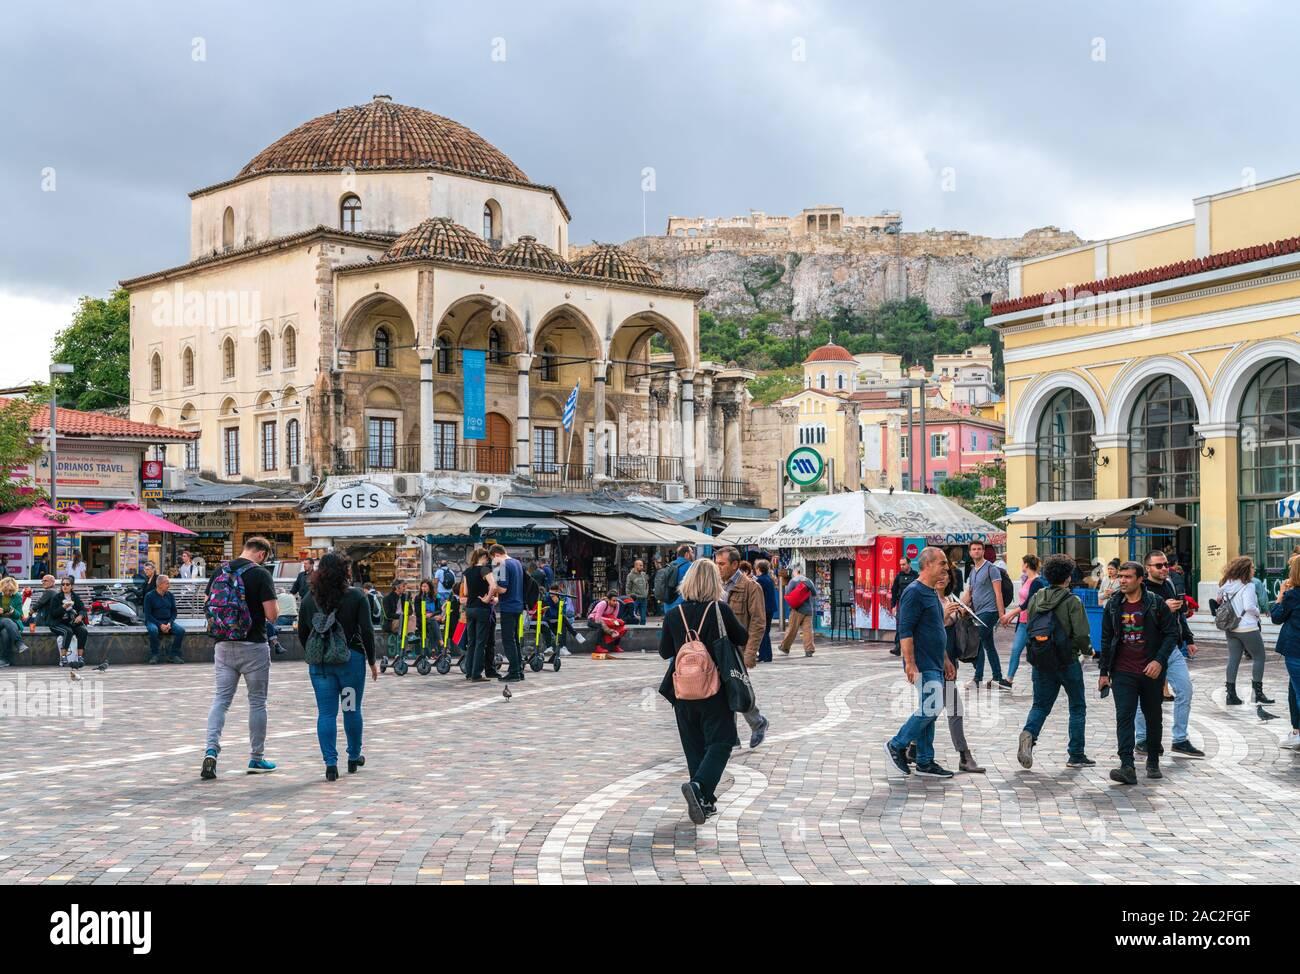 4ème Nov 2019 - Athènes, Grèce. Tzistarakis mosquée ottomane à la place Monastiraki au centre d'Athènes. Banque D'Images